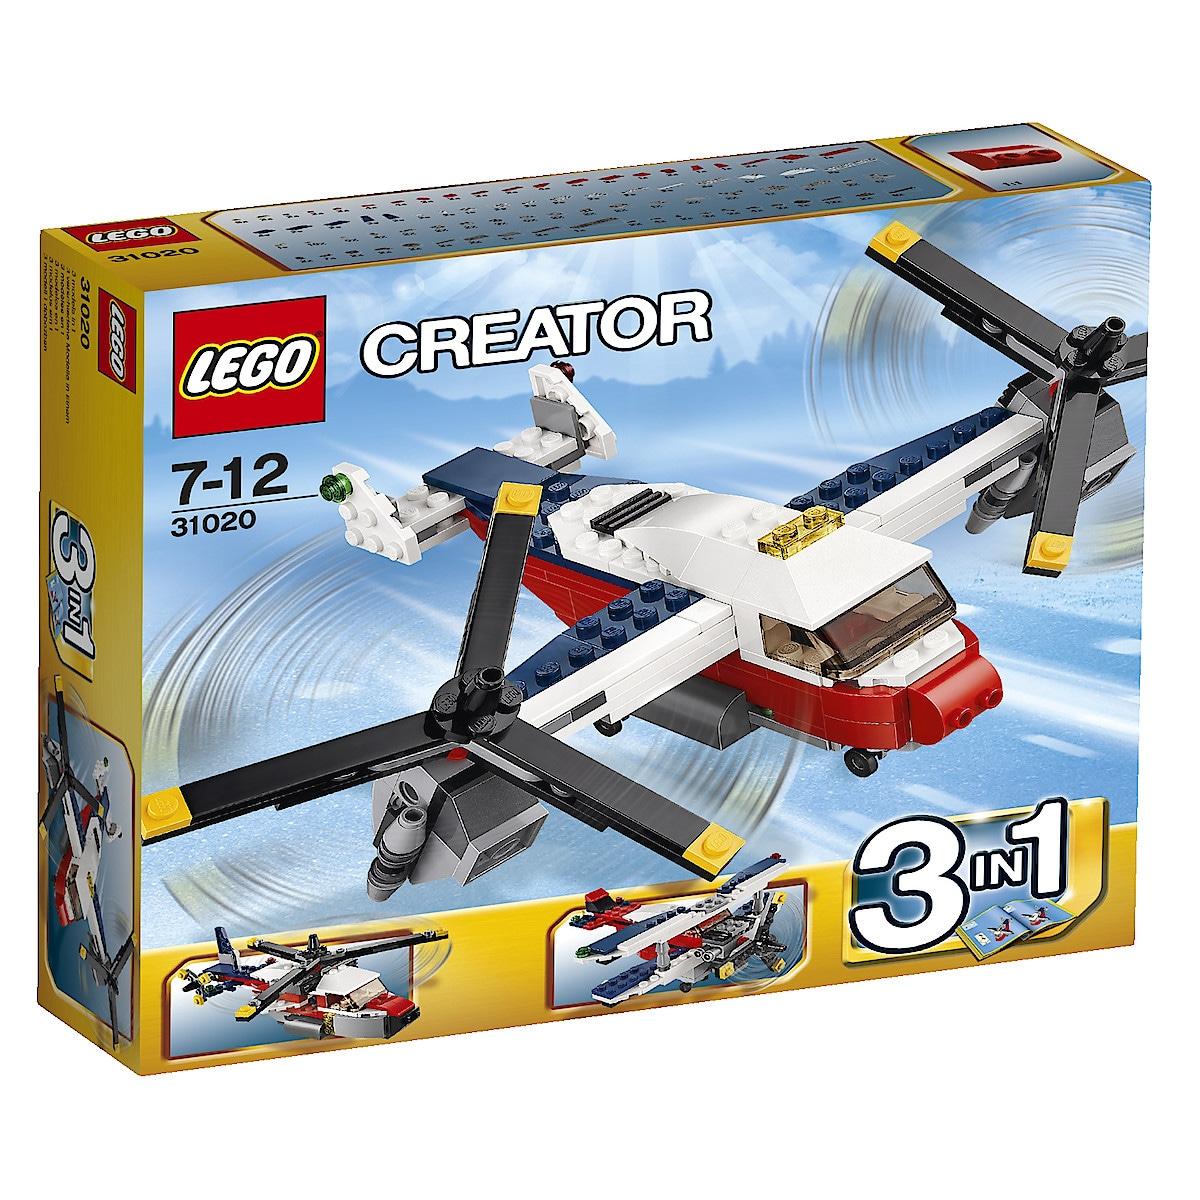 Lego Creator large